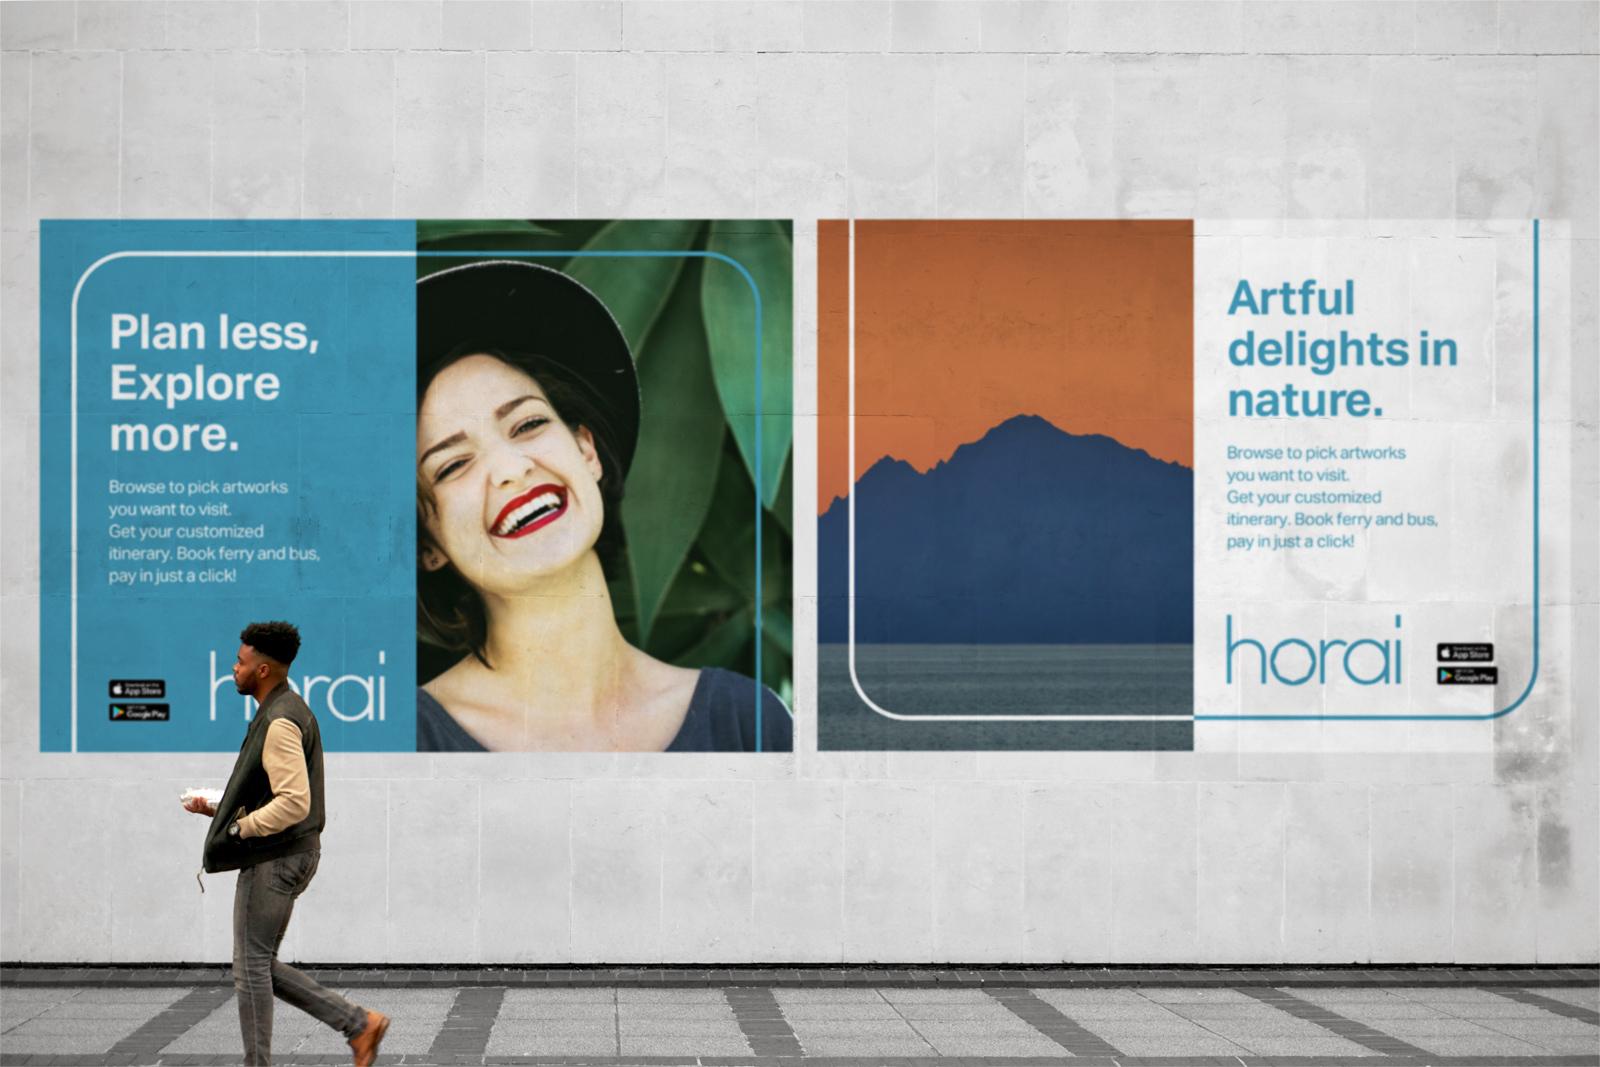 Horaiのポスターイメージ